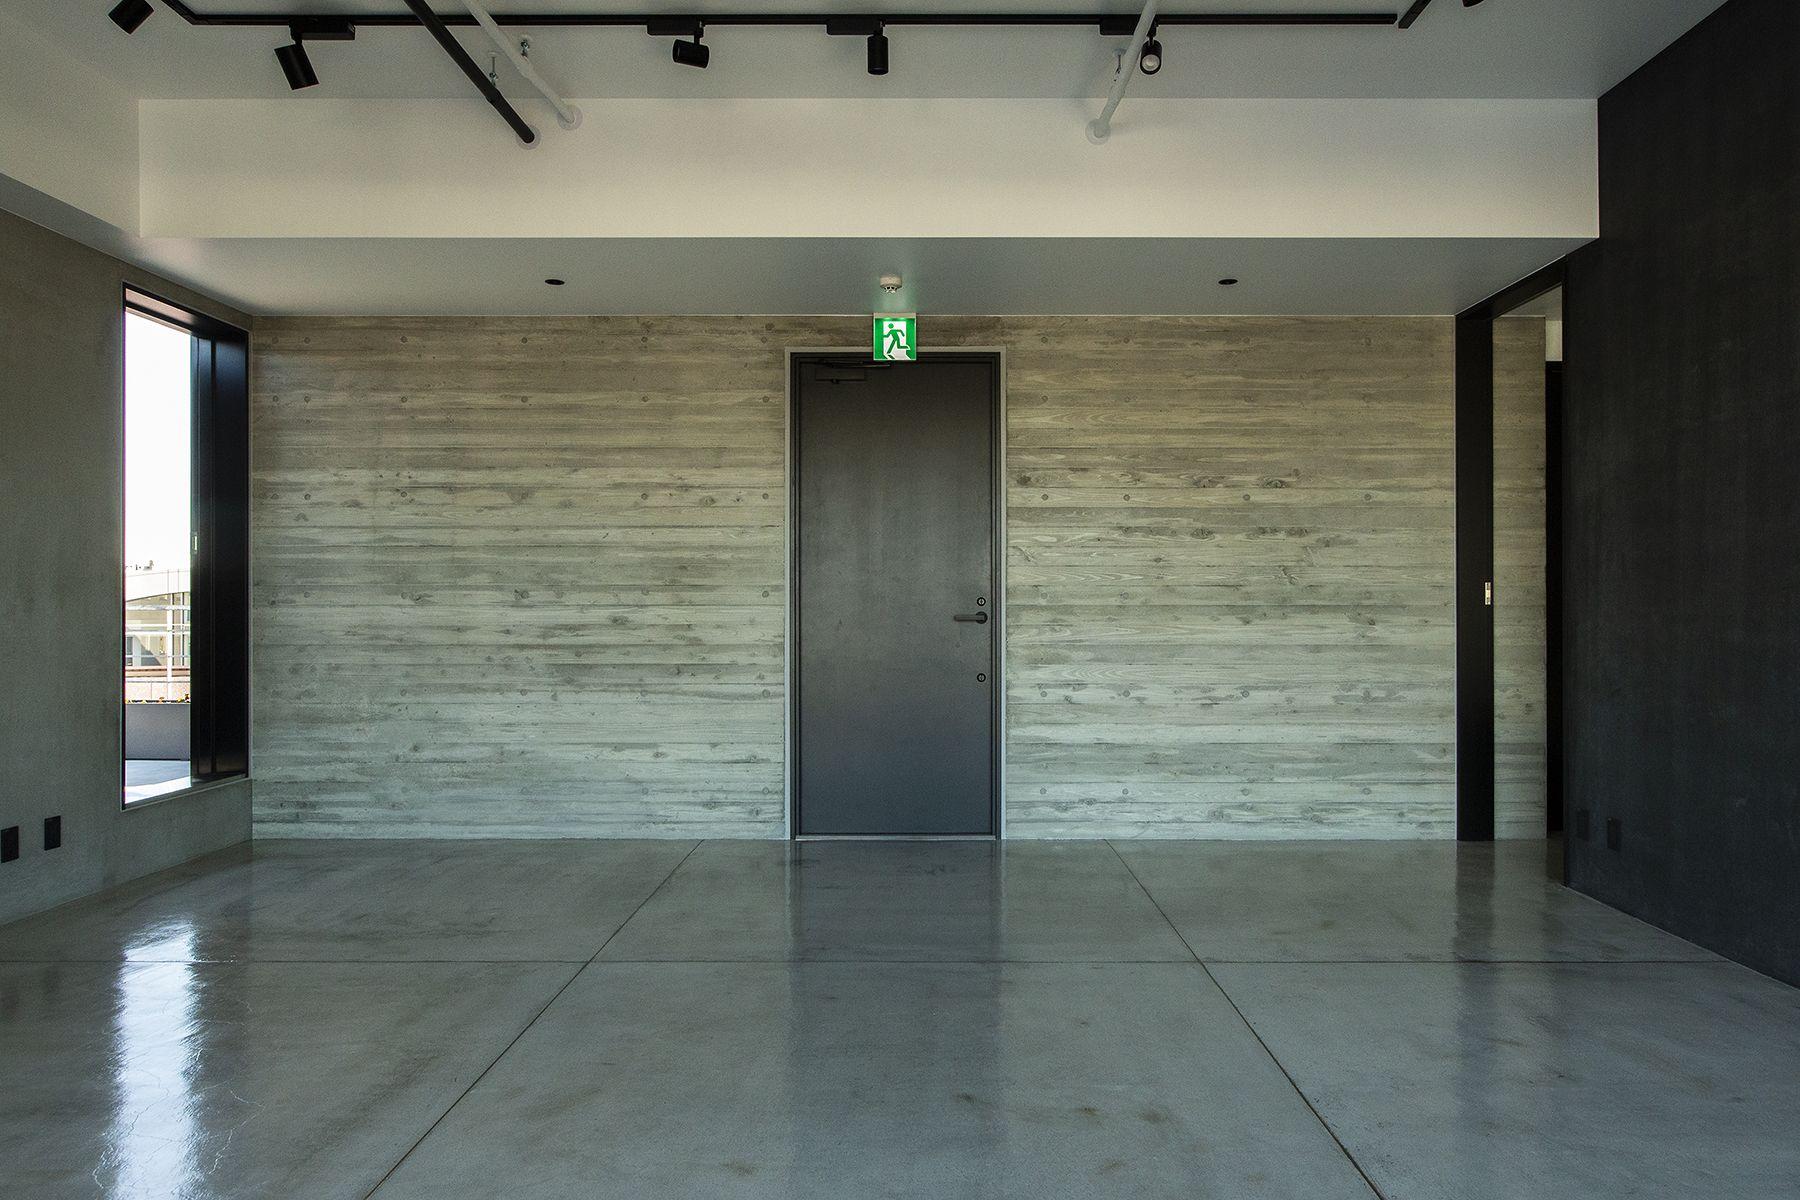 OPRCT Space O (オプレクト)木目調壁の出入口方面 / 南南西方角